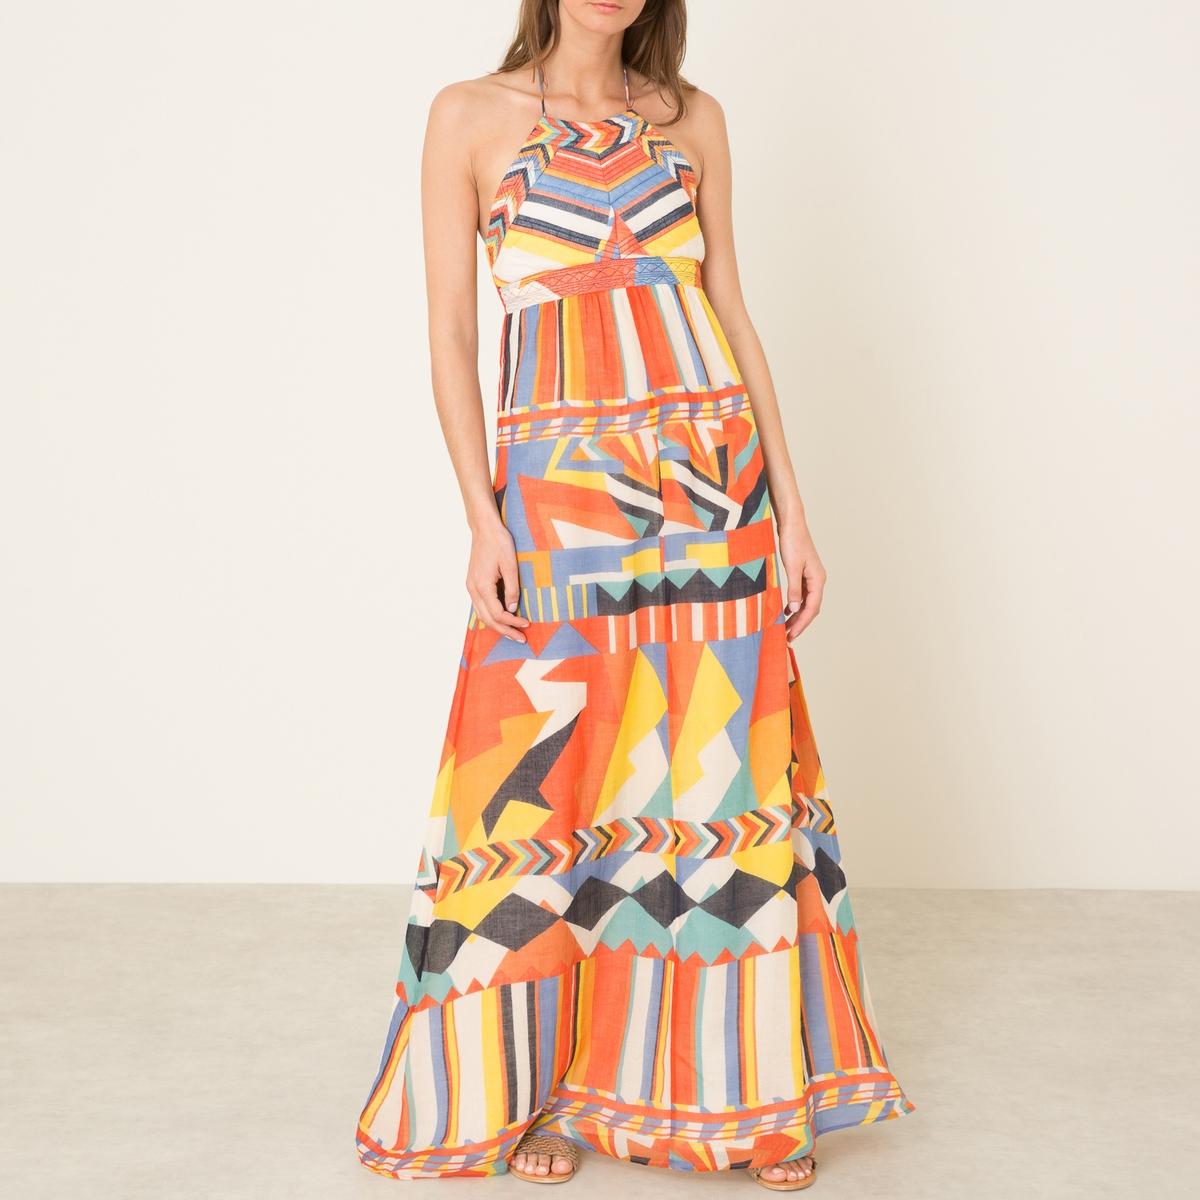 Платье FLASHПлатье длинное с открытой спинкой BA&amp;SH - модель FLASH из хлопковой вуали с принтом  . Закругленный вырез с завязками сзади . Стеганая манишка на груди . Присборенная талия . Открытая спина. Состав и описание    Материал : 100% хлопок   Марка : BA&amp;SH<br><br>Цвет: оранжевый